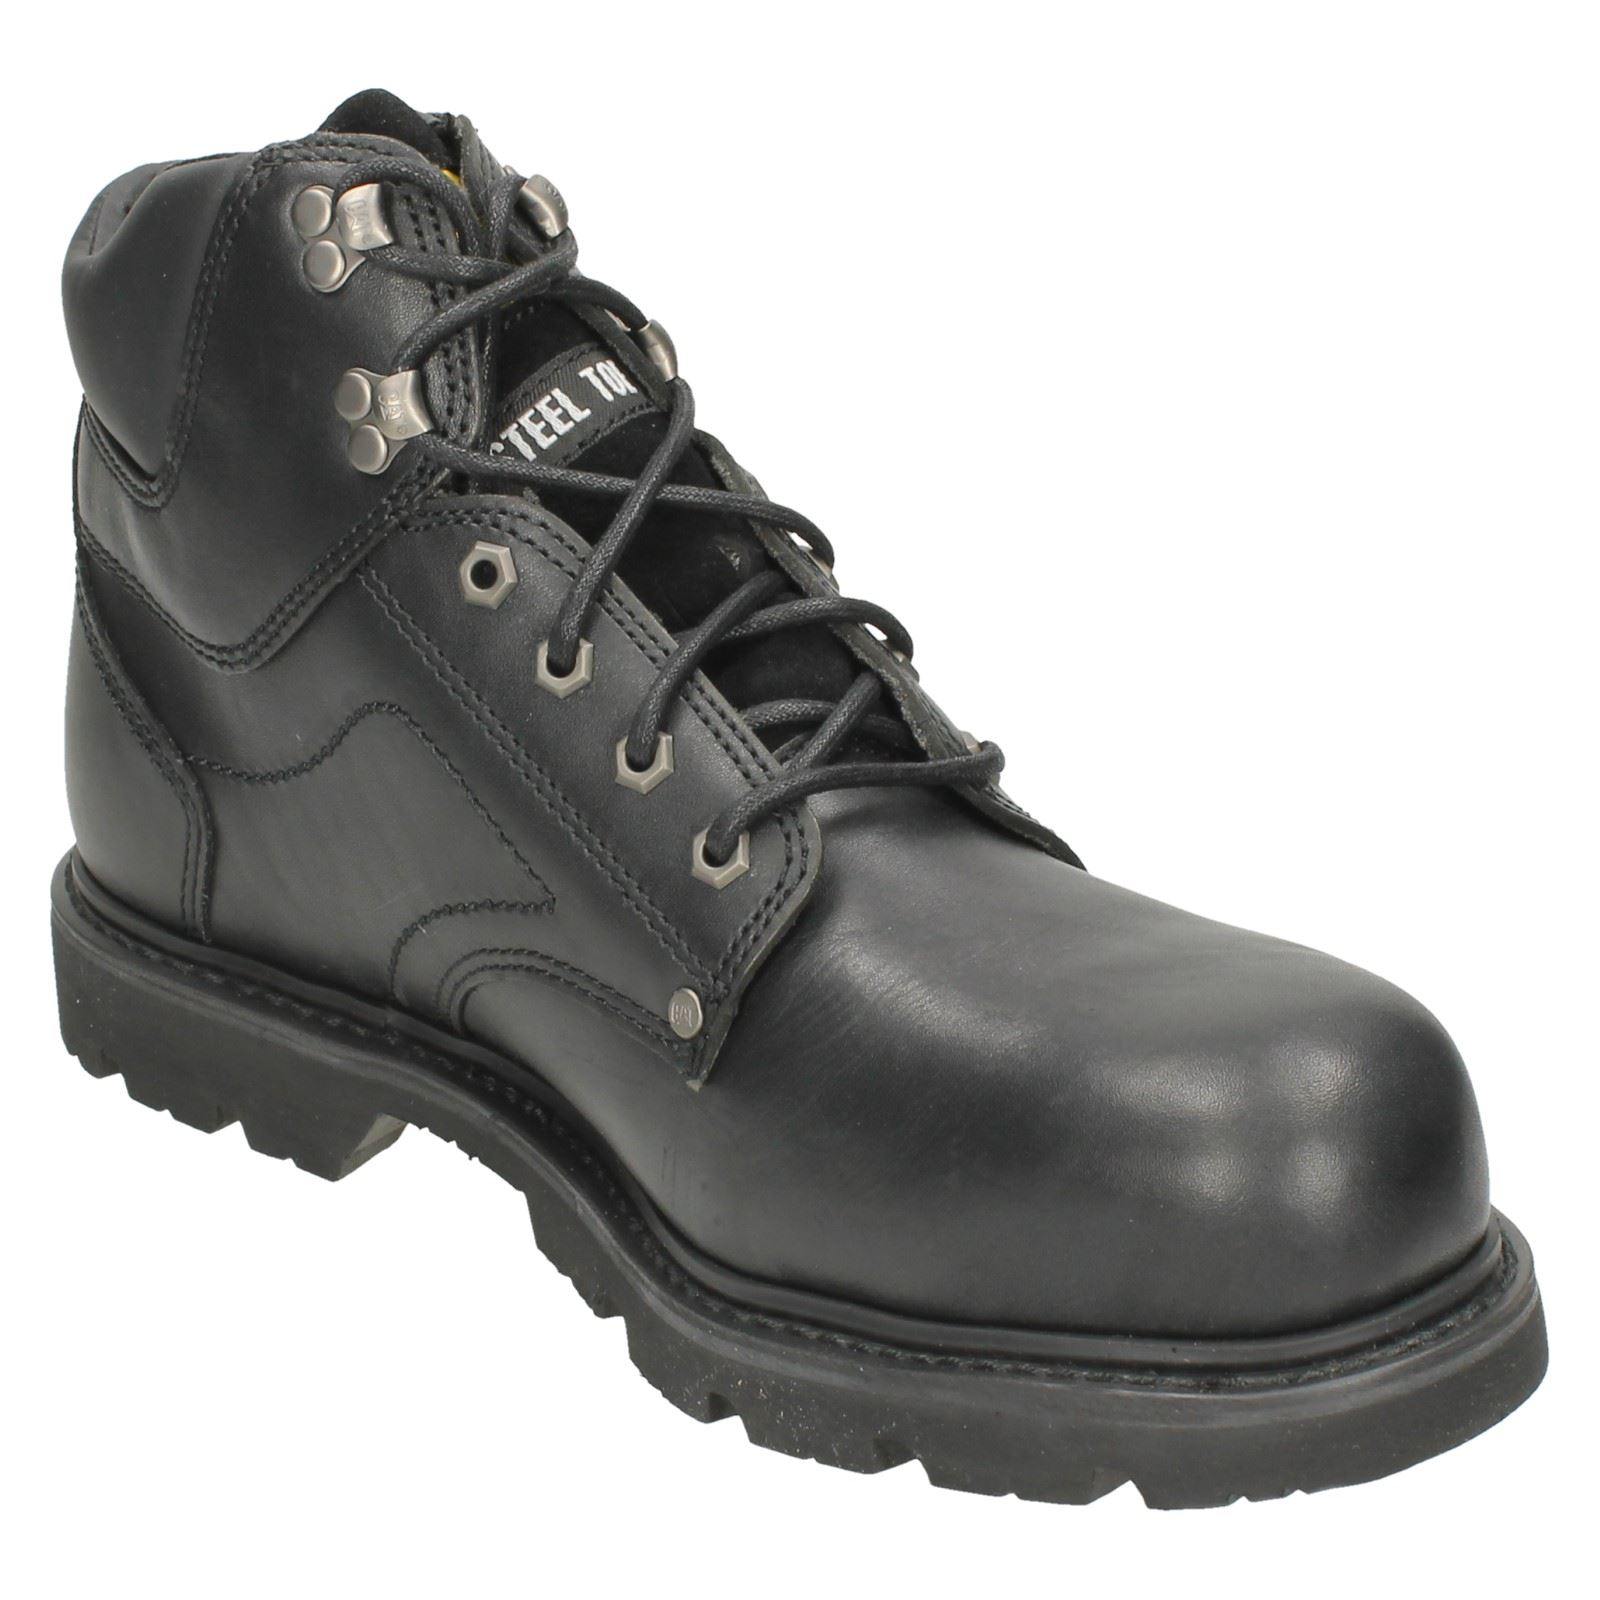 mens caterpillar steel toe cap ankle boots grouser st ebay